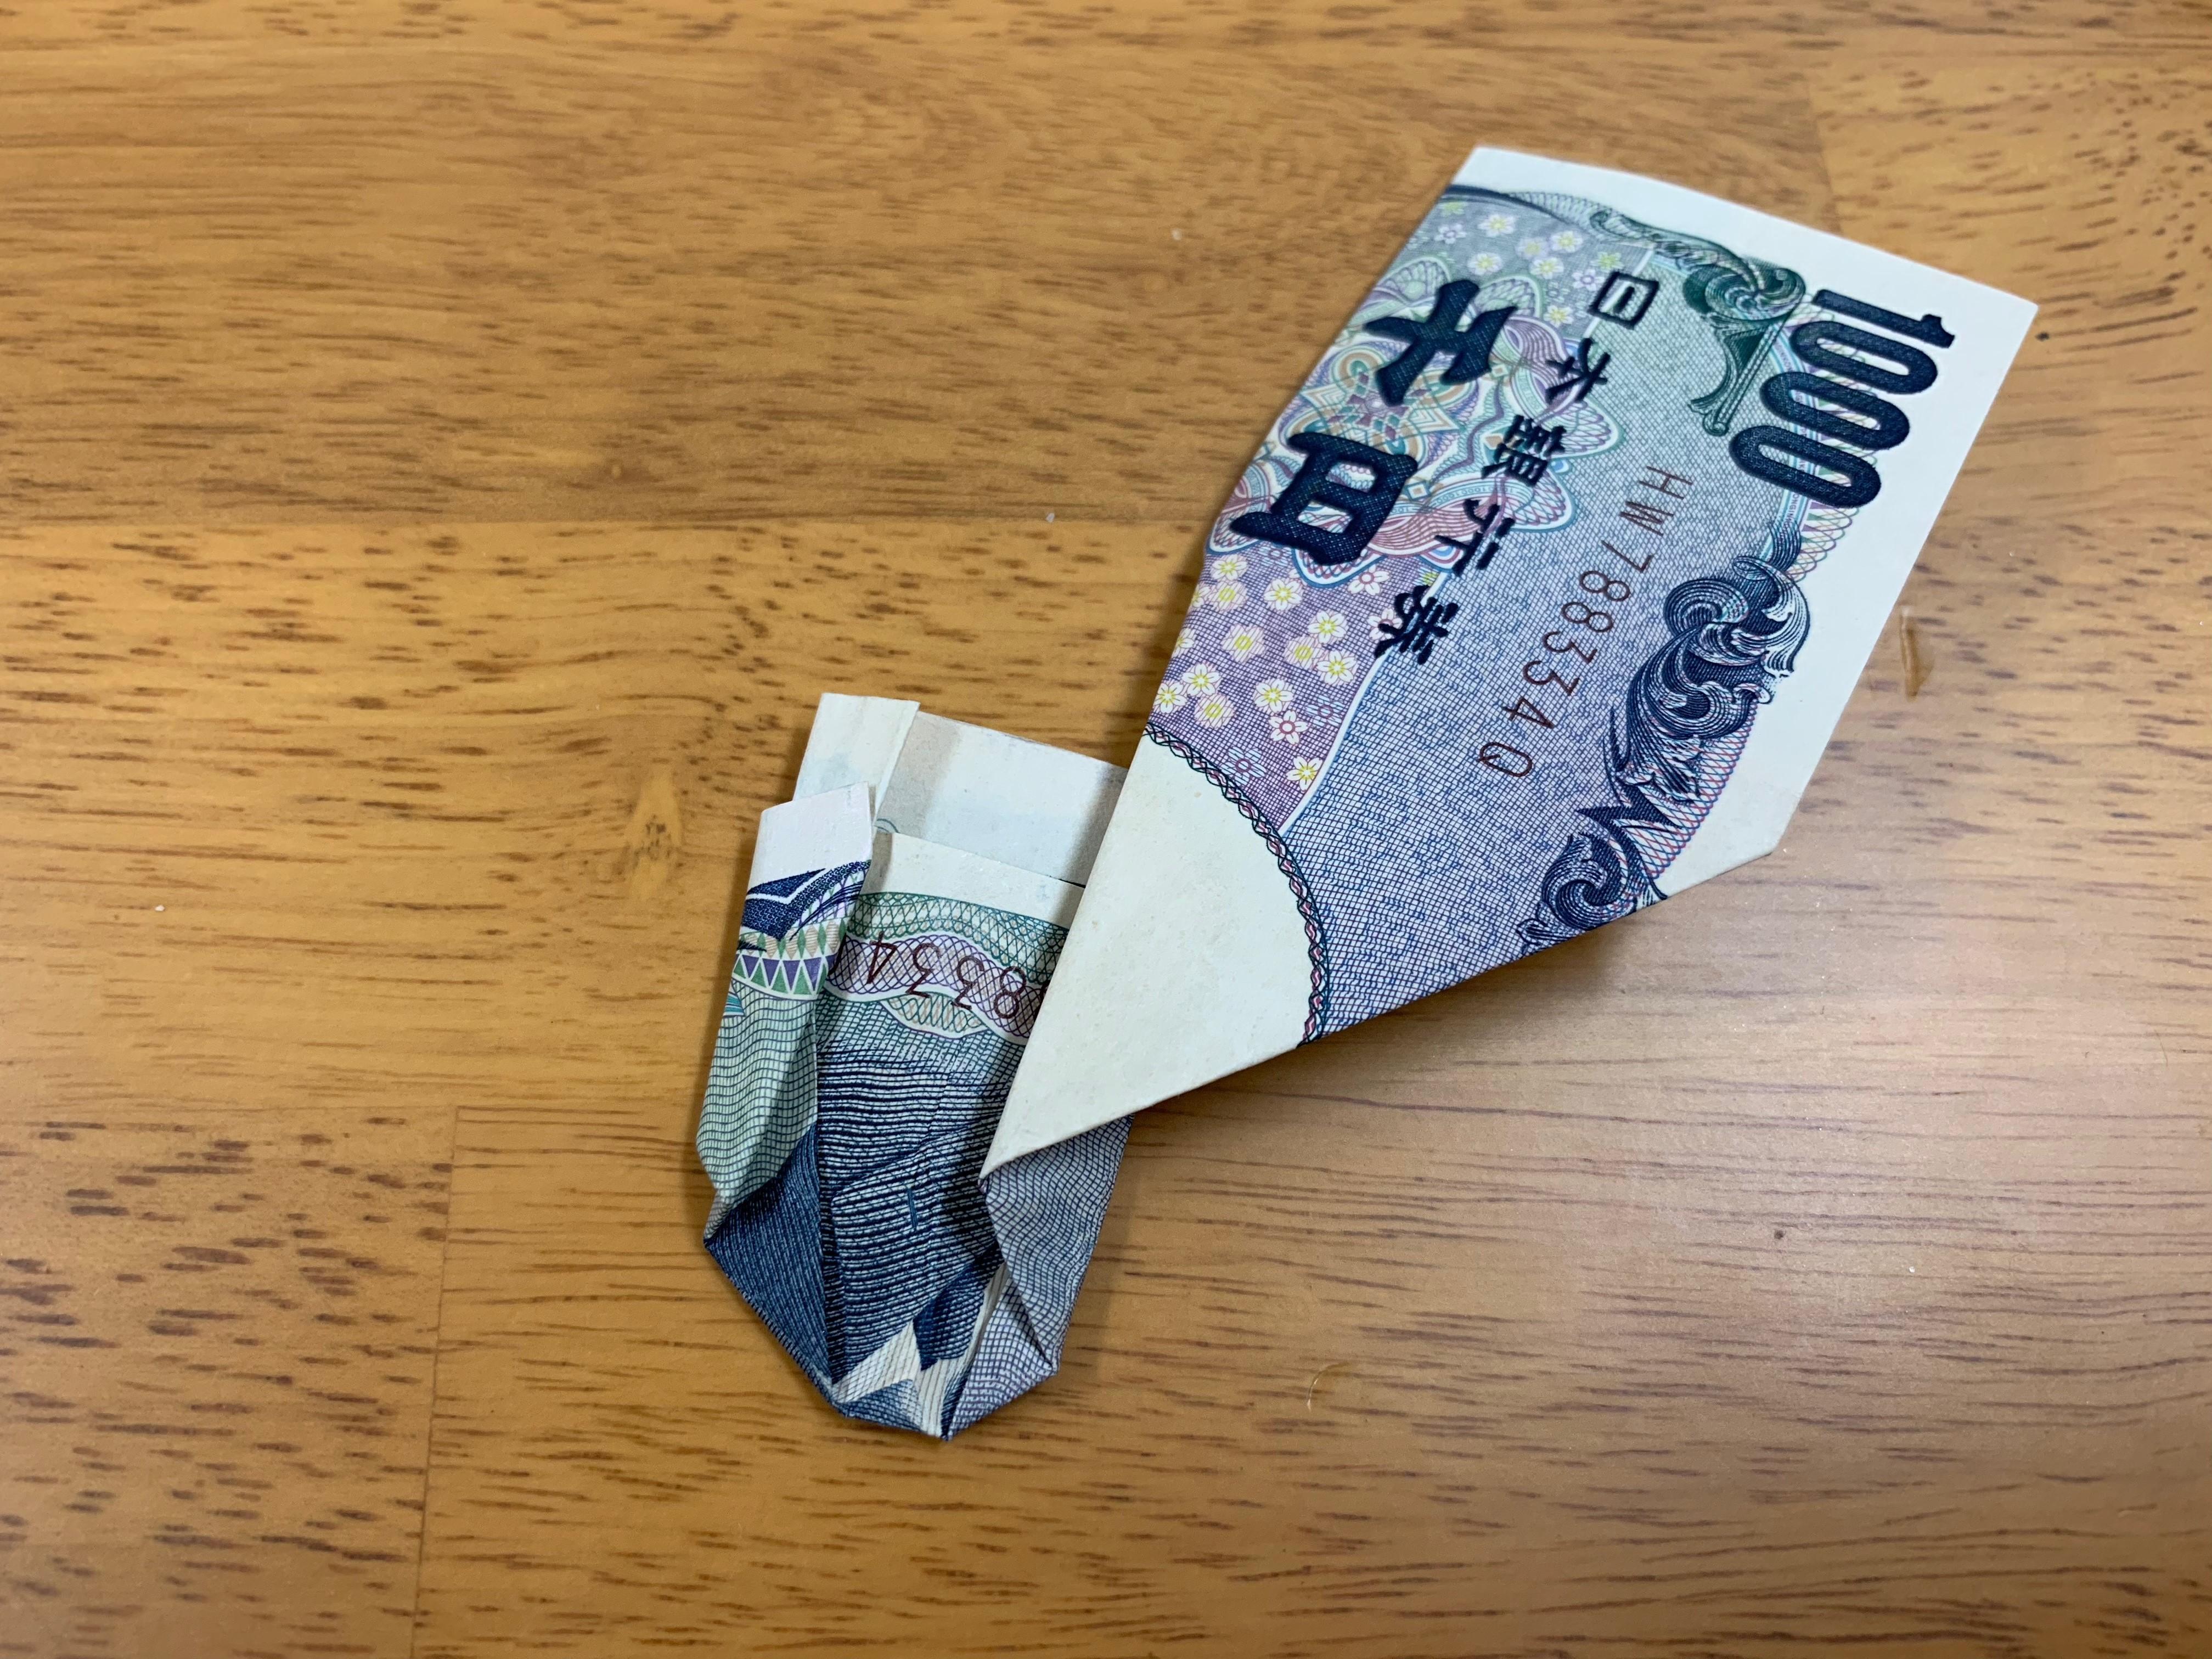 ターバン野口 お札 千円札のおもしろい折り方の画像